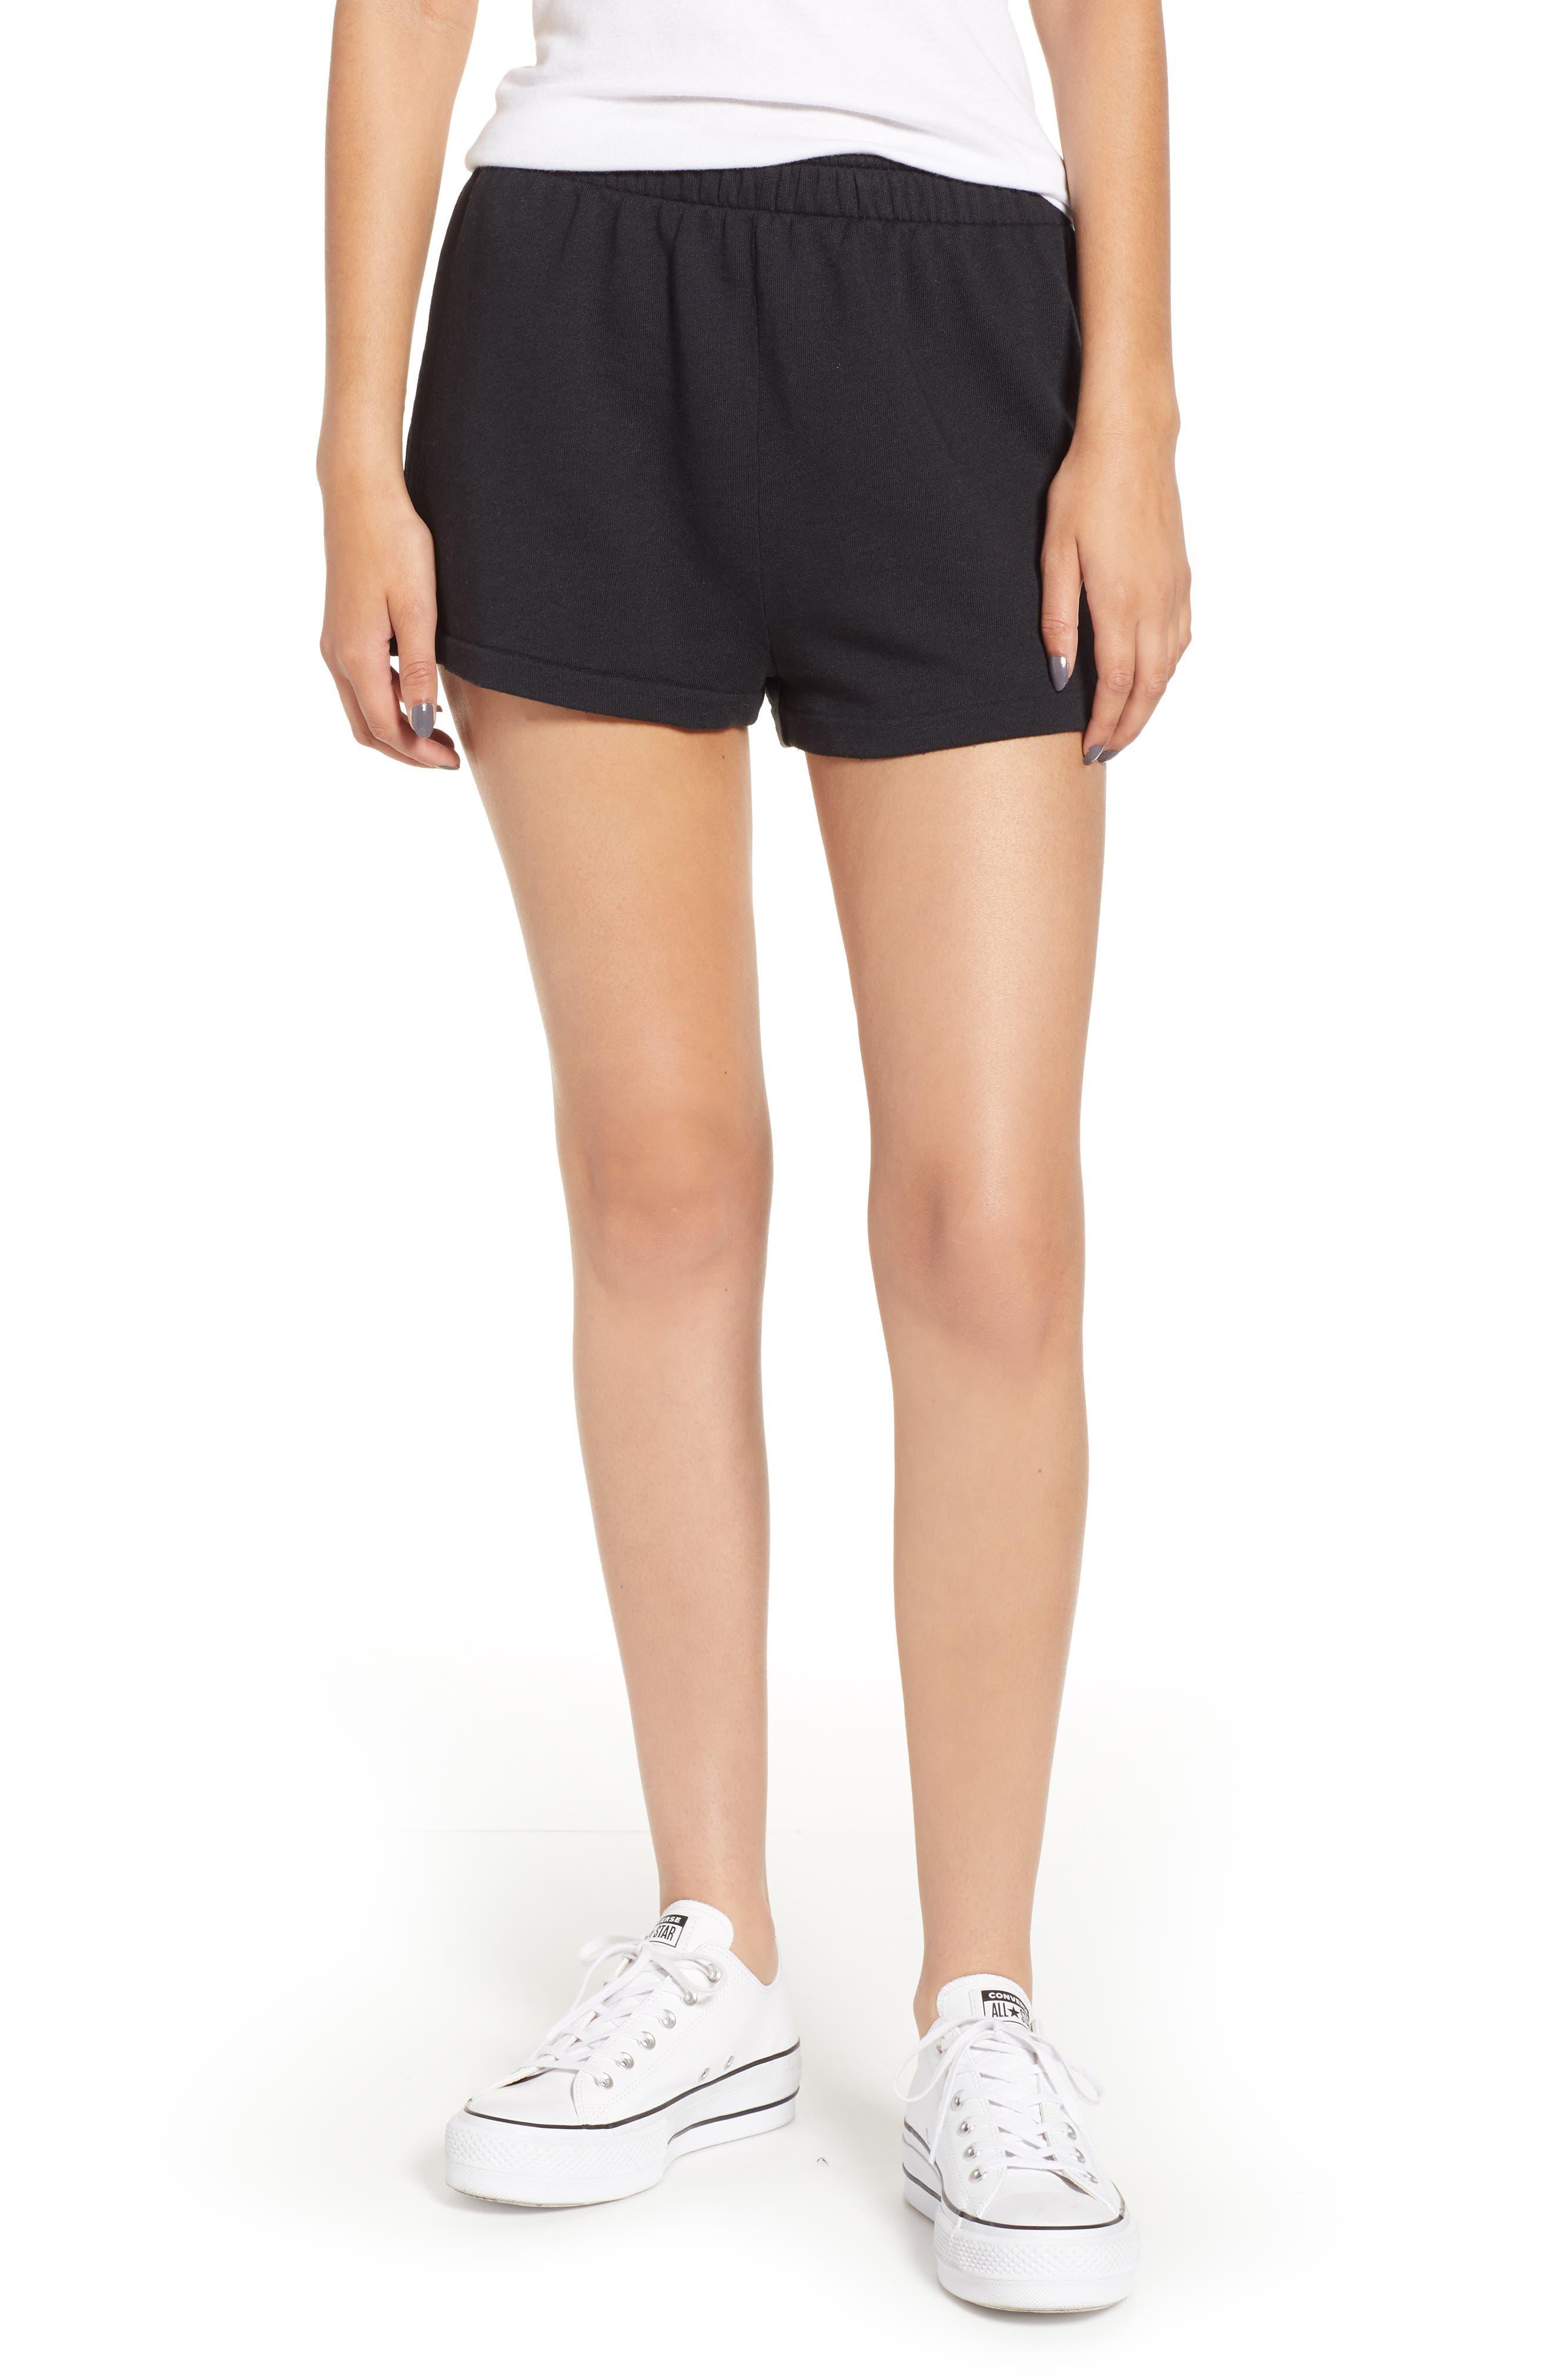 Golden Shorts,                             Main thumbnail 1, color,                             JET BLACK